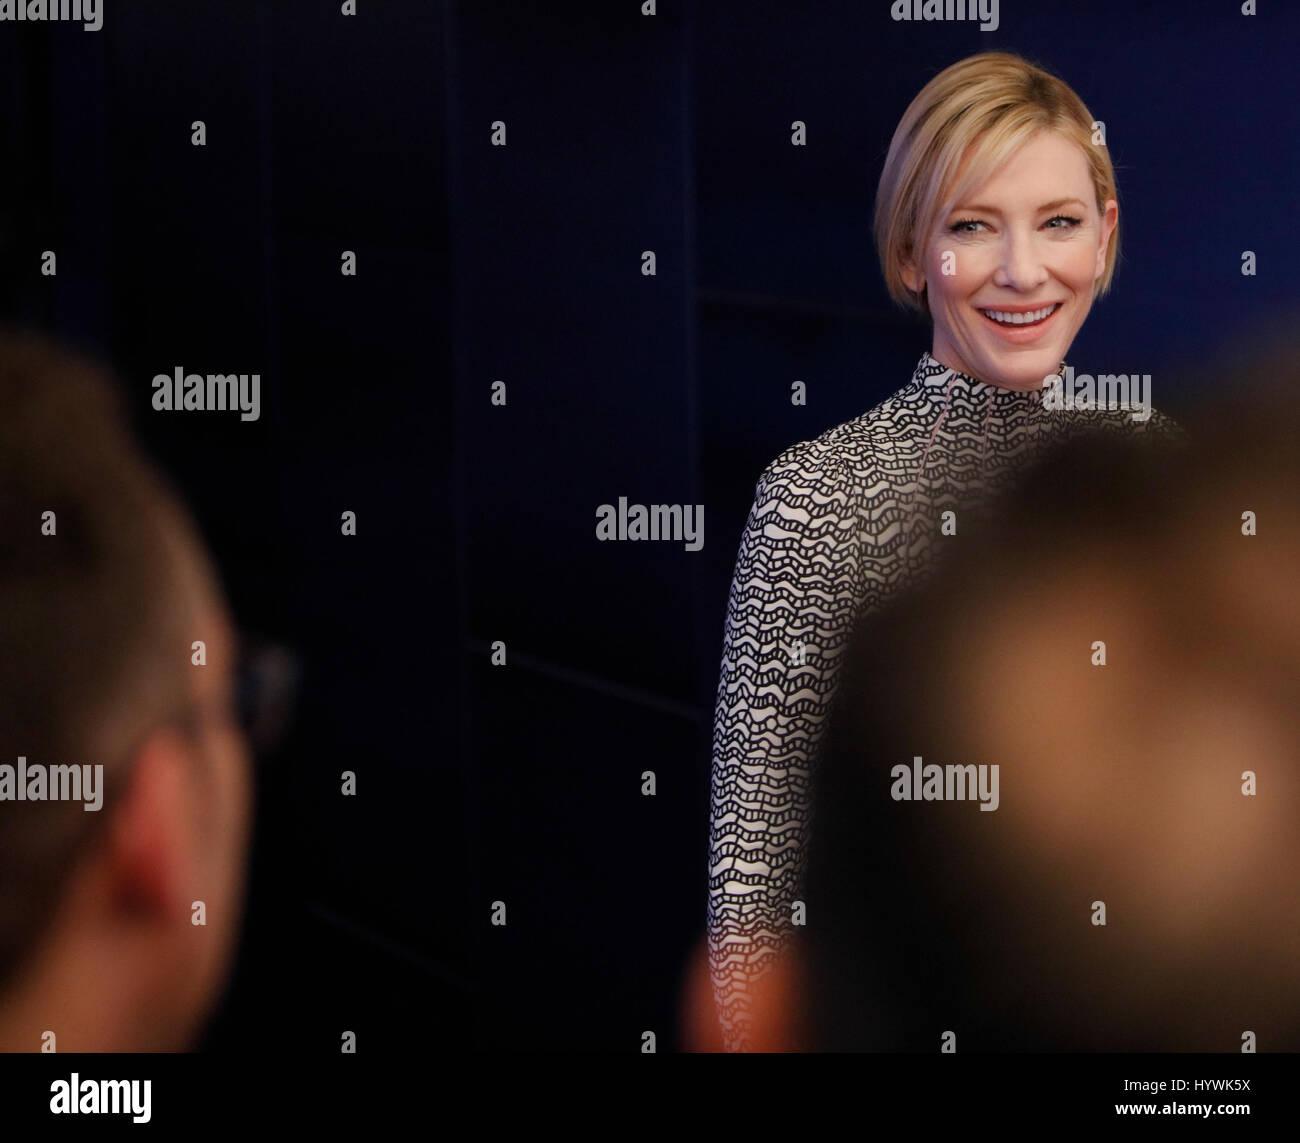 La Ciudad de Nueva York, EE.UU.. 26 abr, 2017. Cate Blanchett asiste al Festival de Cine de Tribeca, proyección Imagen De Stock